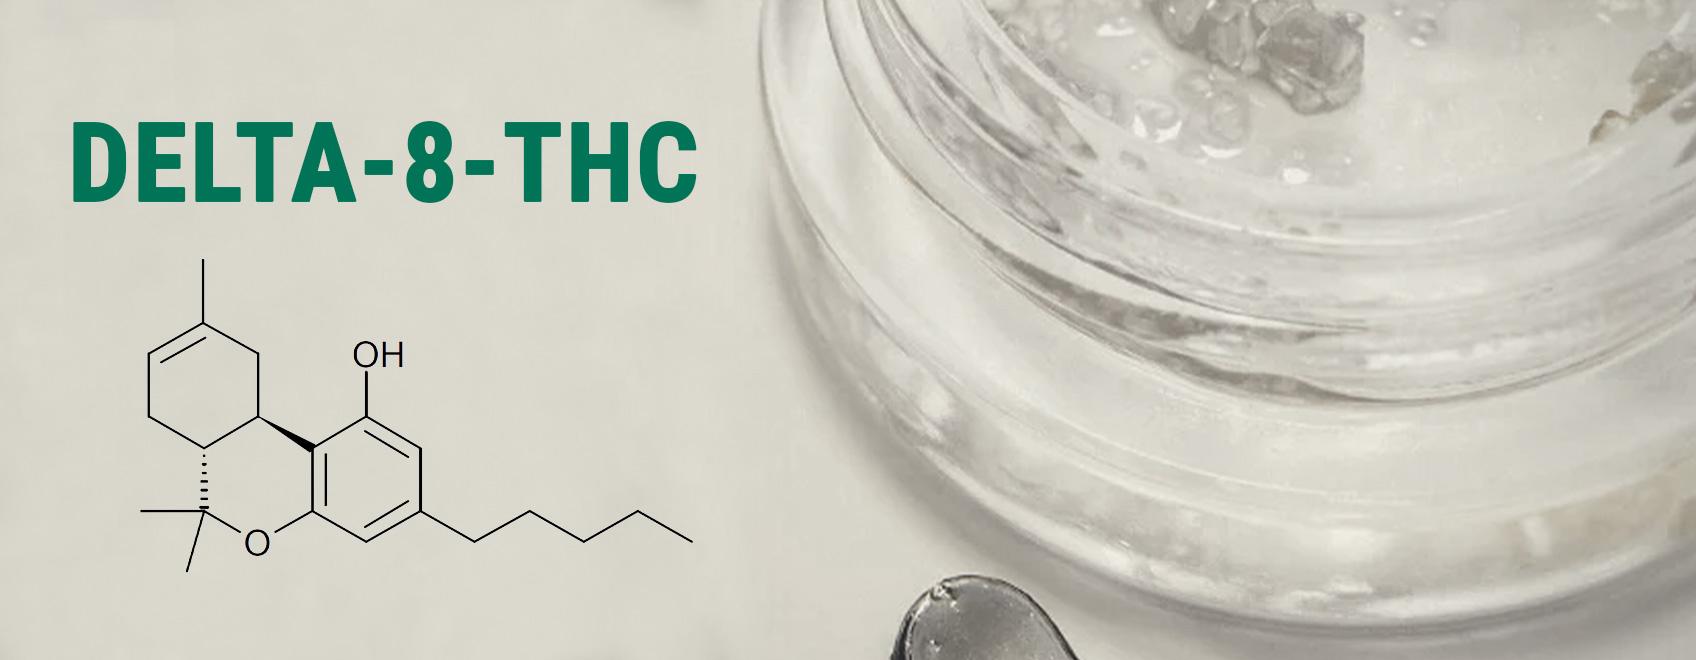 Che cos'è il delta-8-THC?